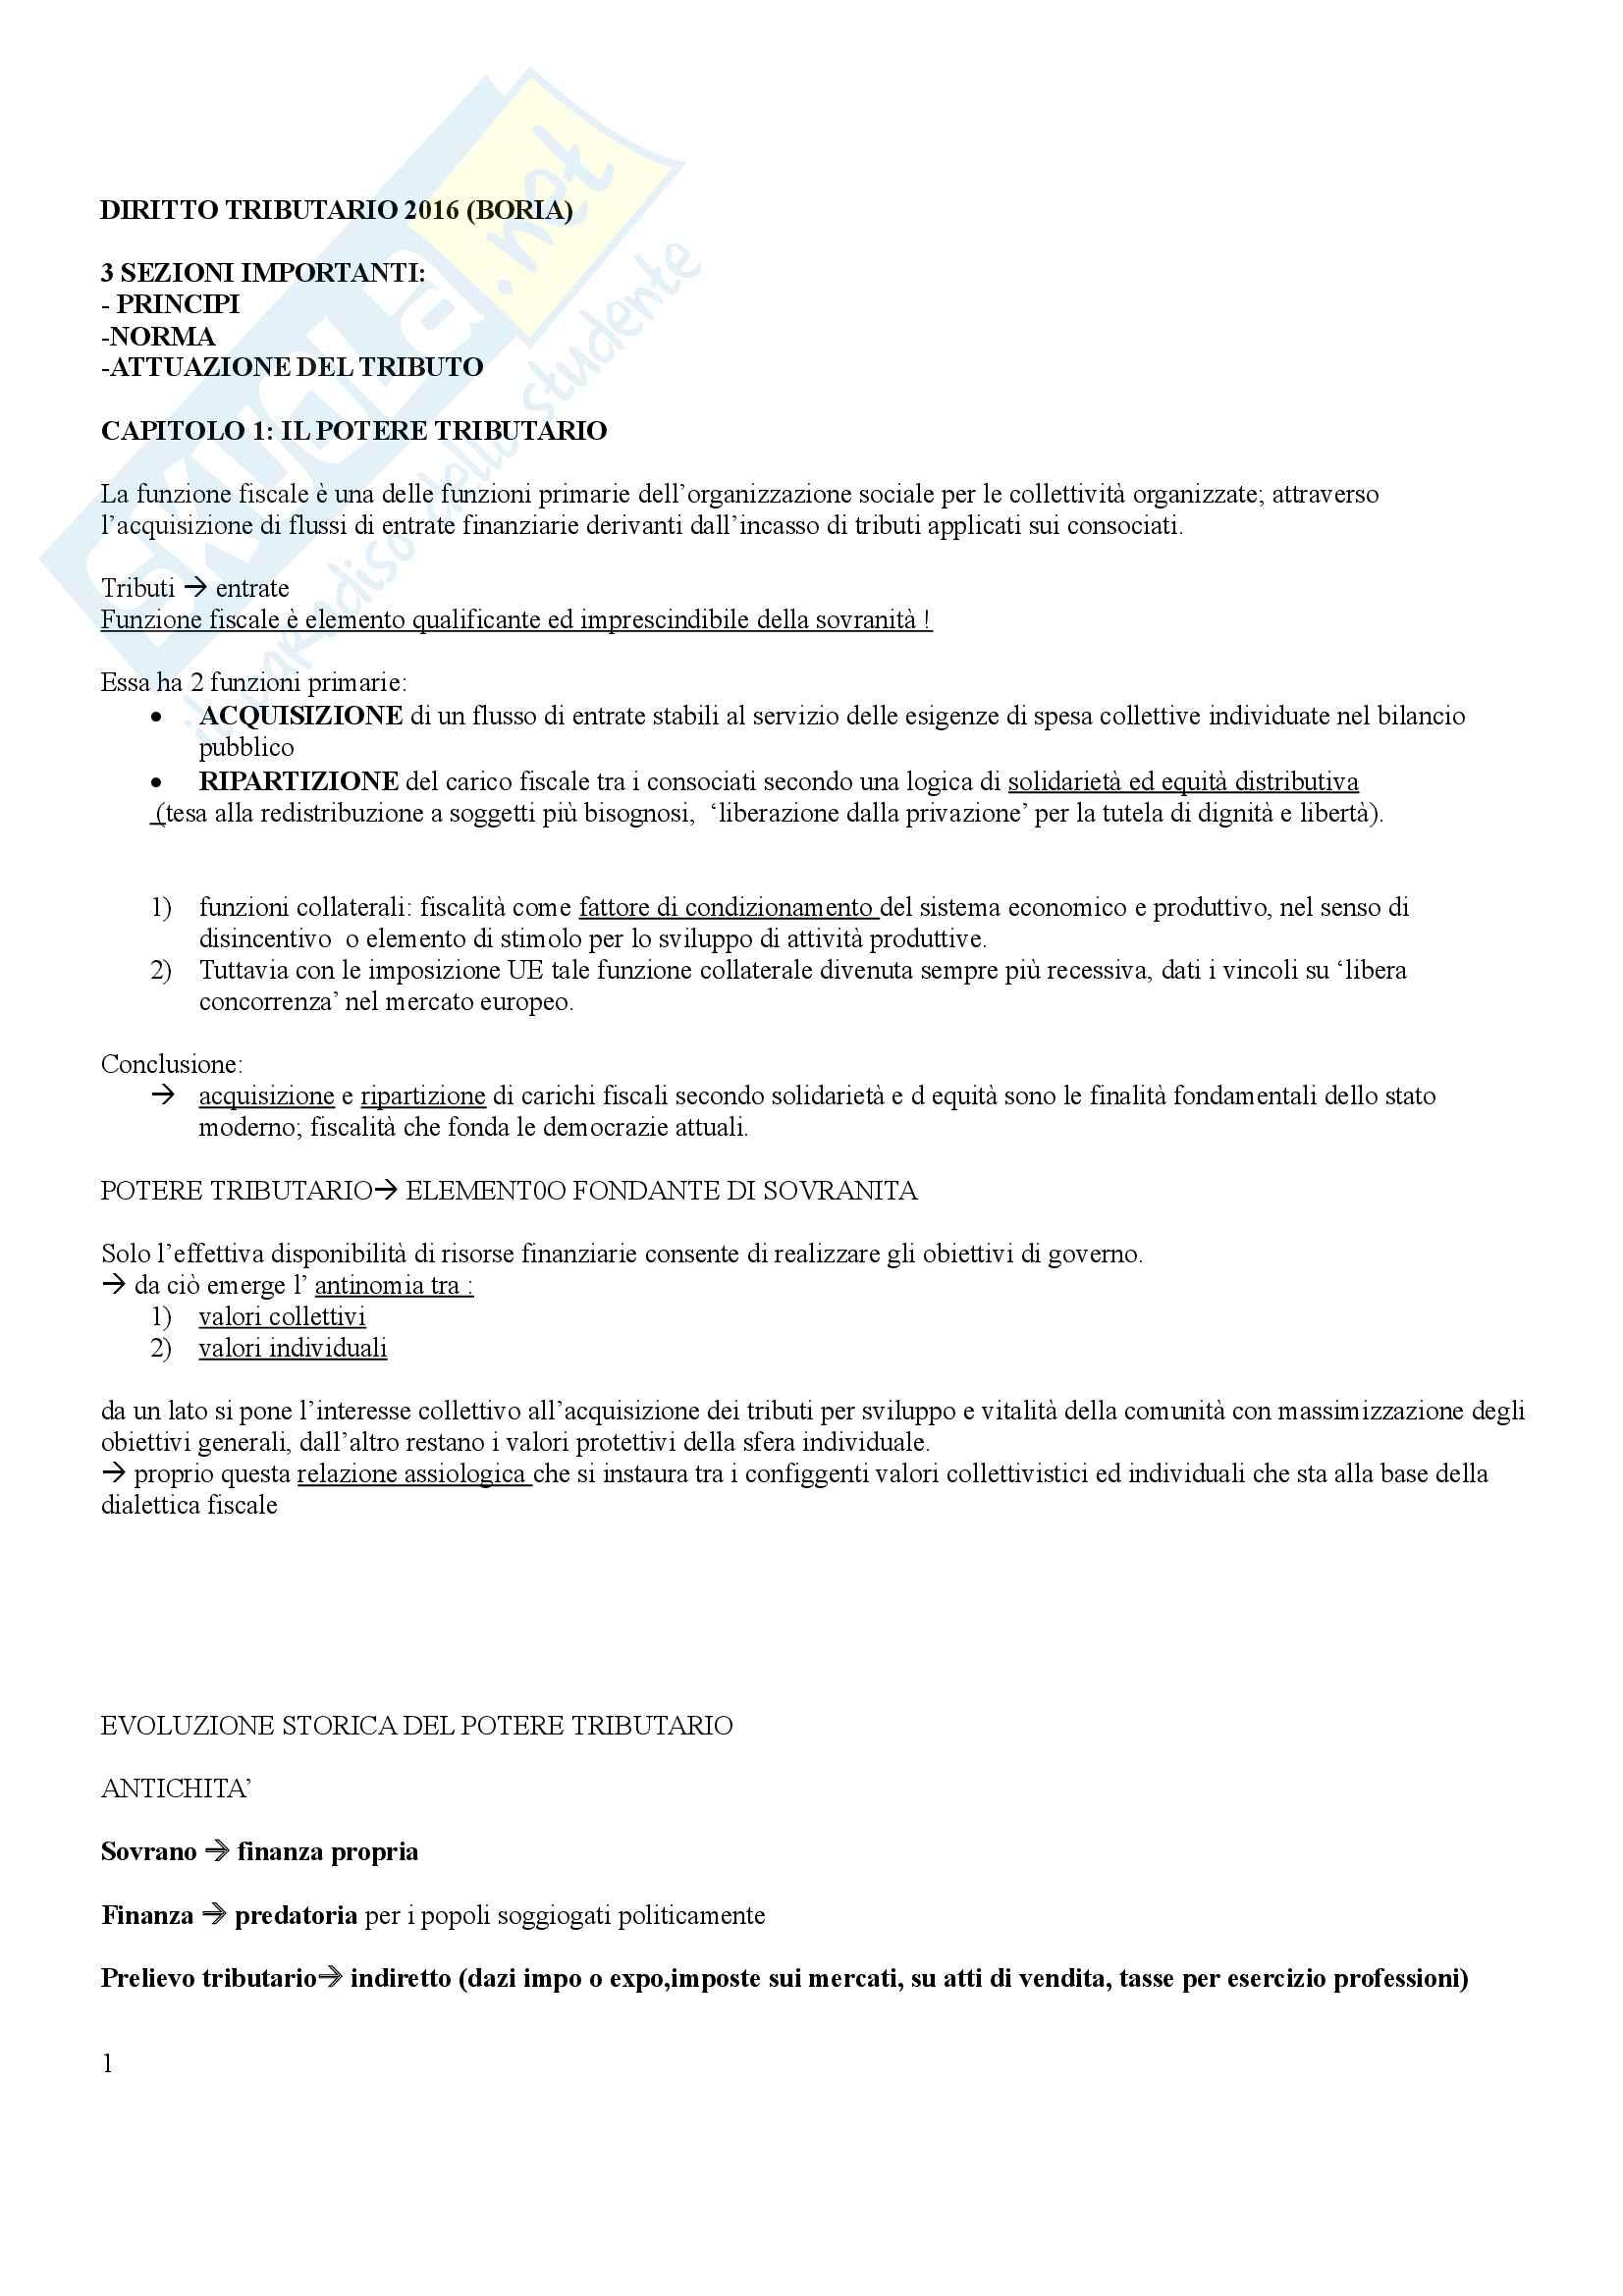 Riassunto esame Diritto tributario, prof. Boria. Libro consigliato Diritto tributario, Boria